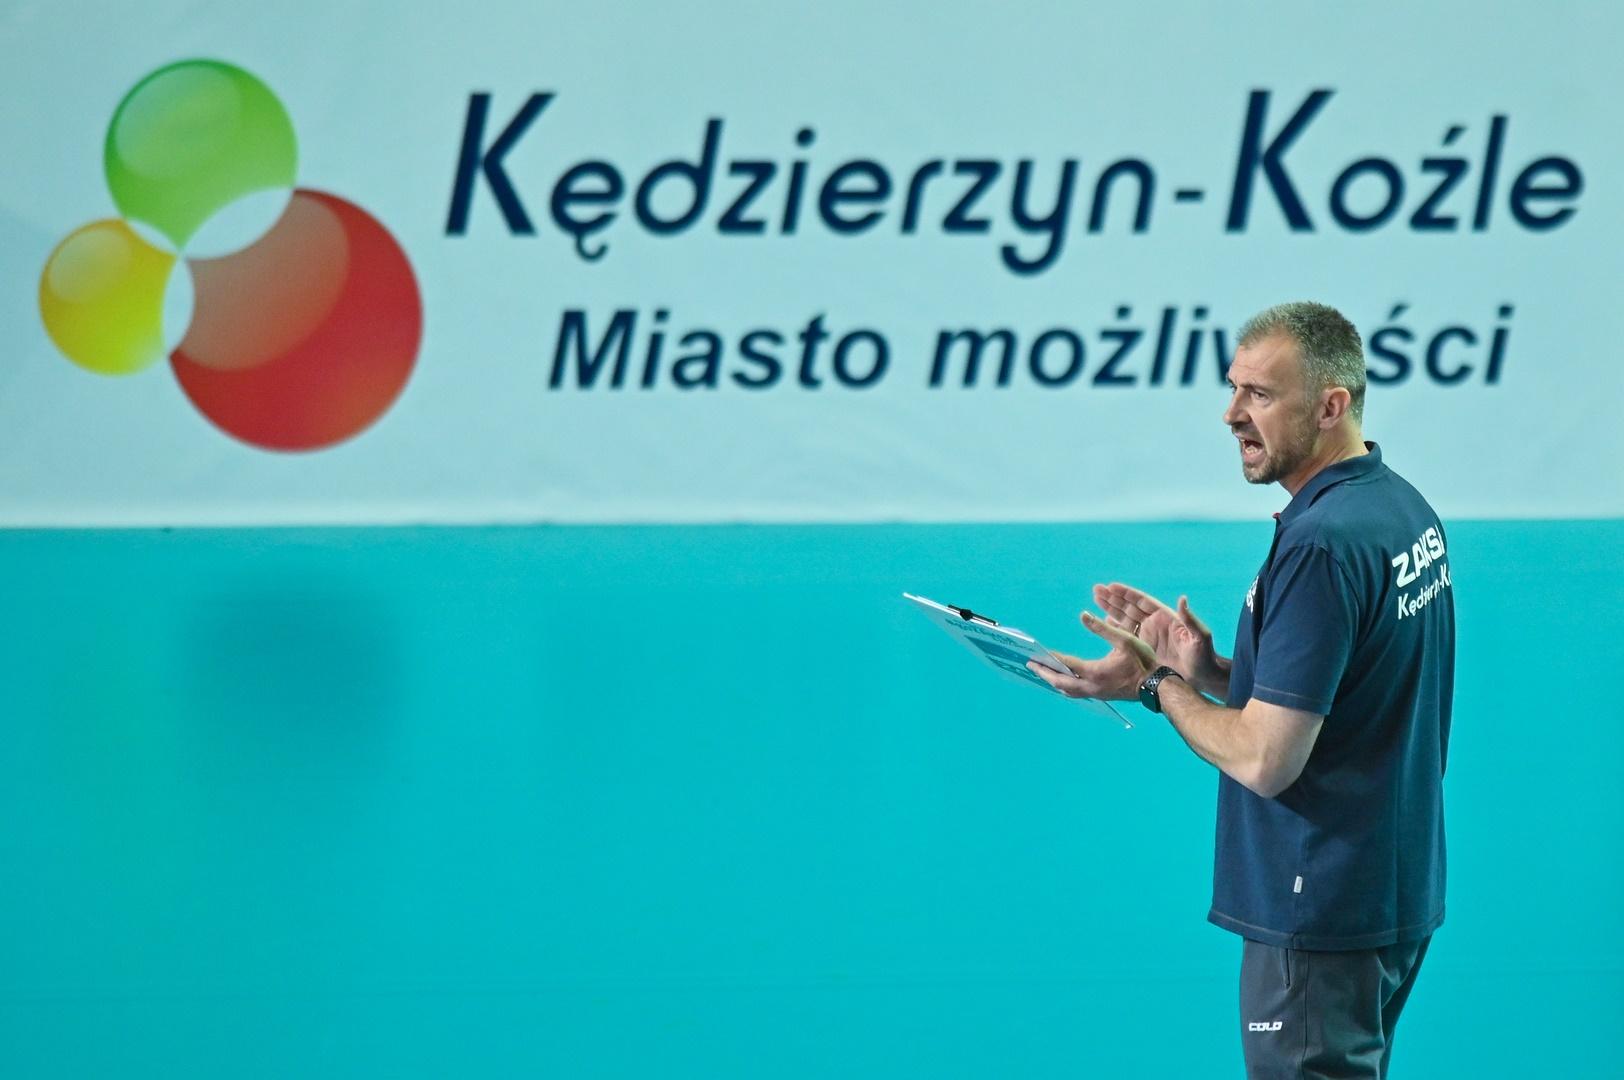 Play-off: Grupa Azoty ZAKSA Kędzierzyn-Koźle – Jastrzębski Węgiel fotogaleria